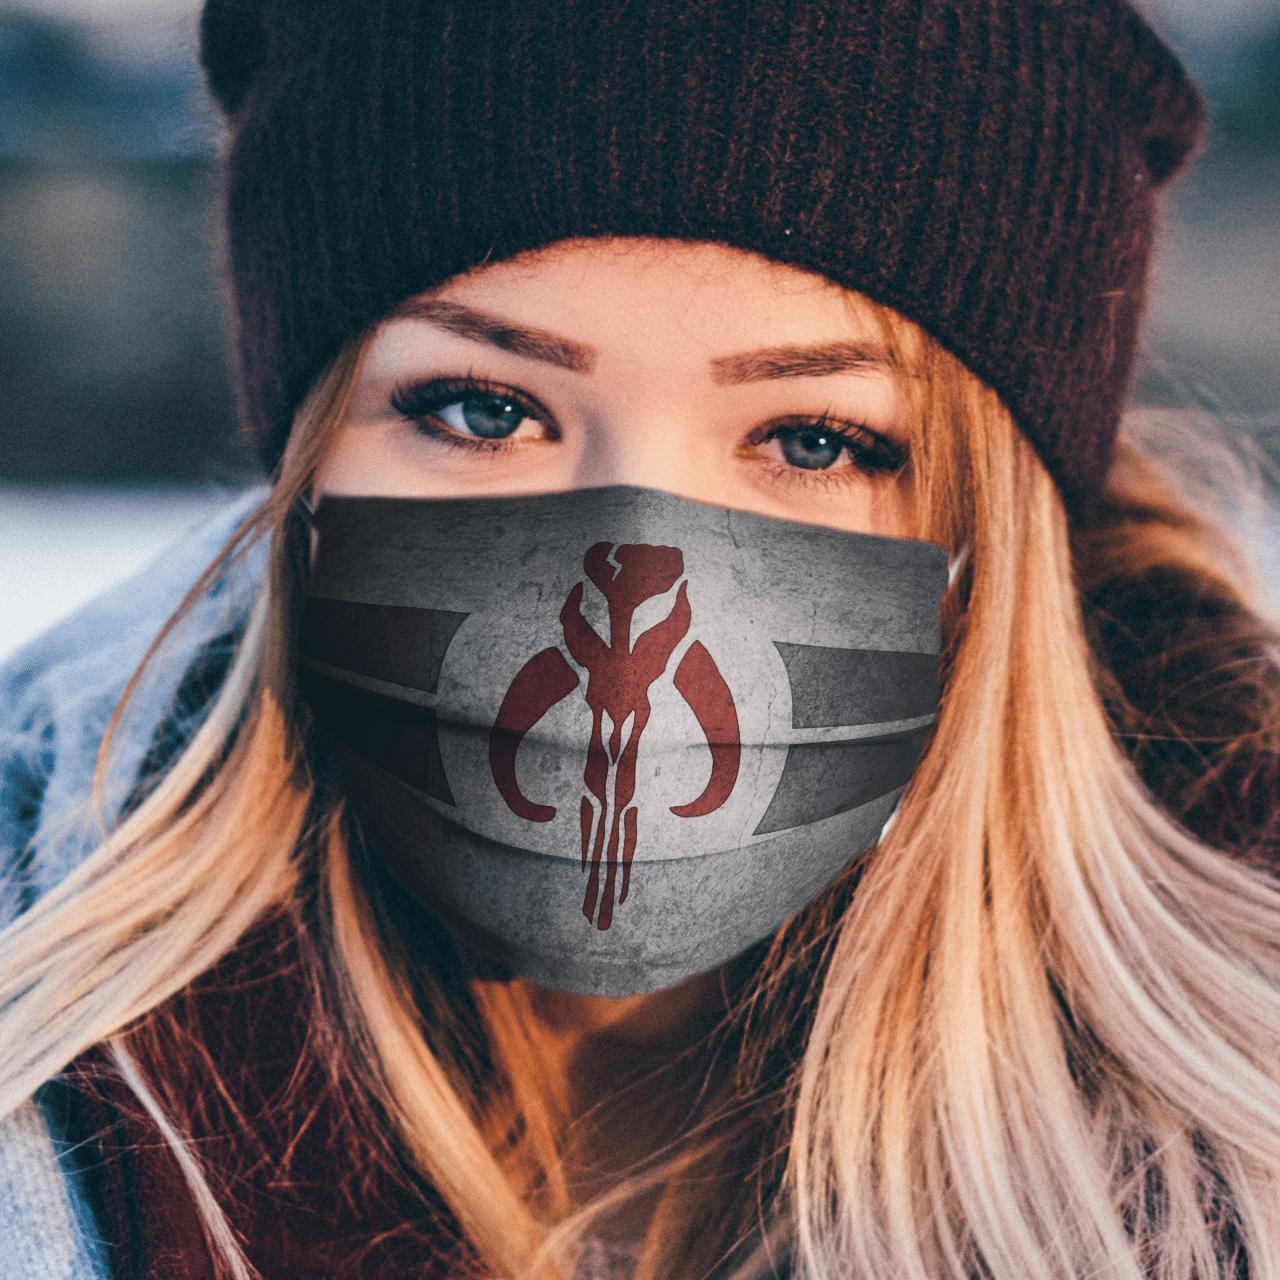 Kyrbes Star Wars 3D face mask